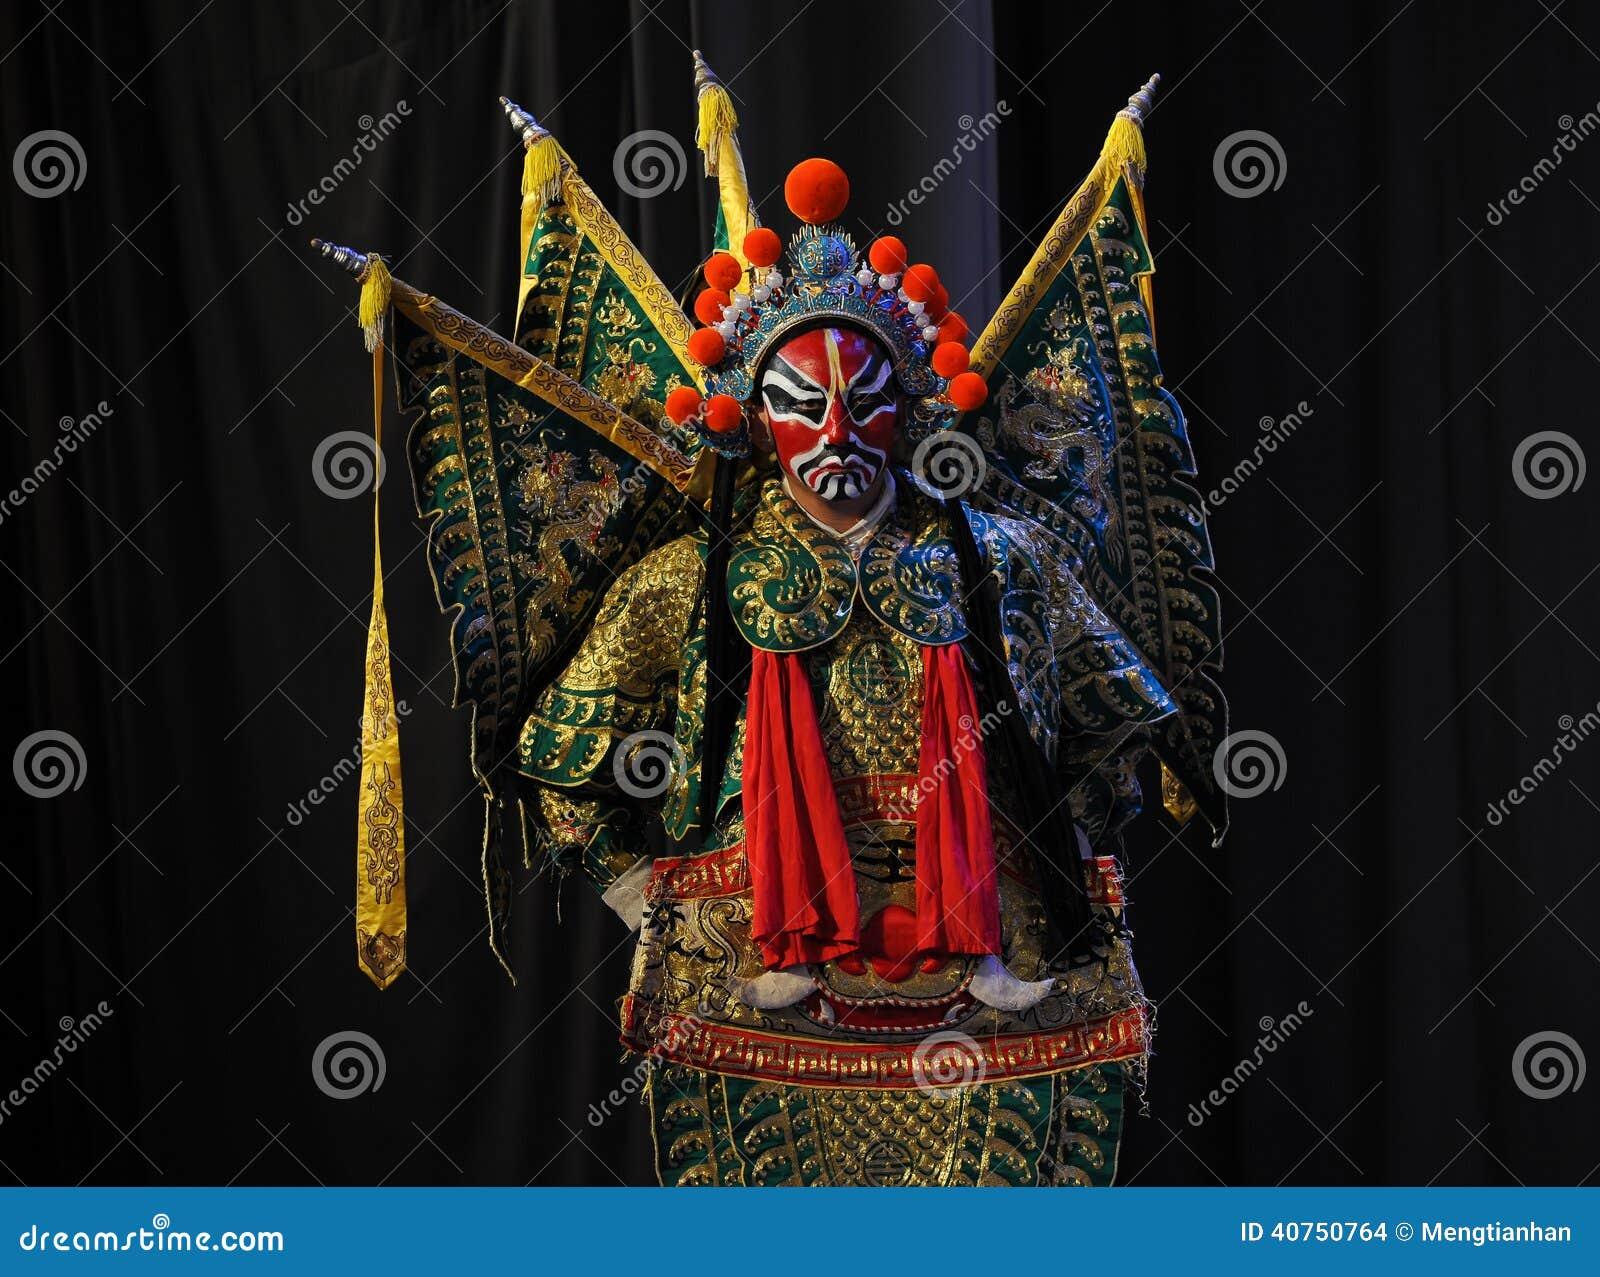 Erhualian-Beijing Opera: Chu Han contention